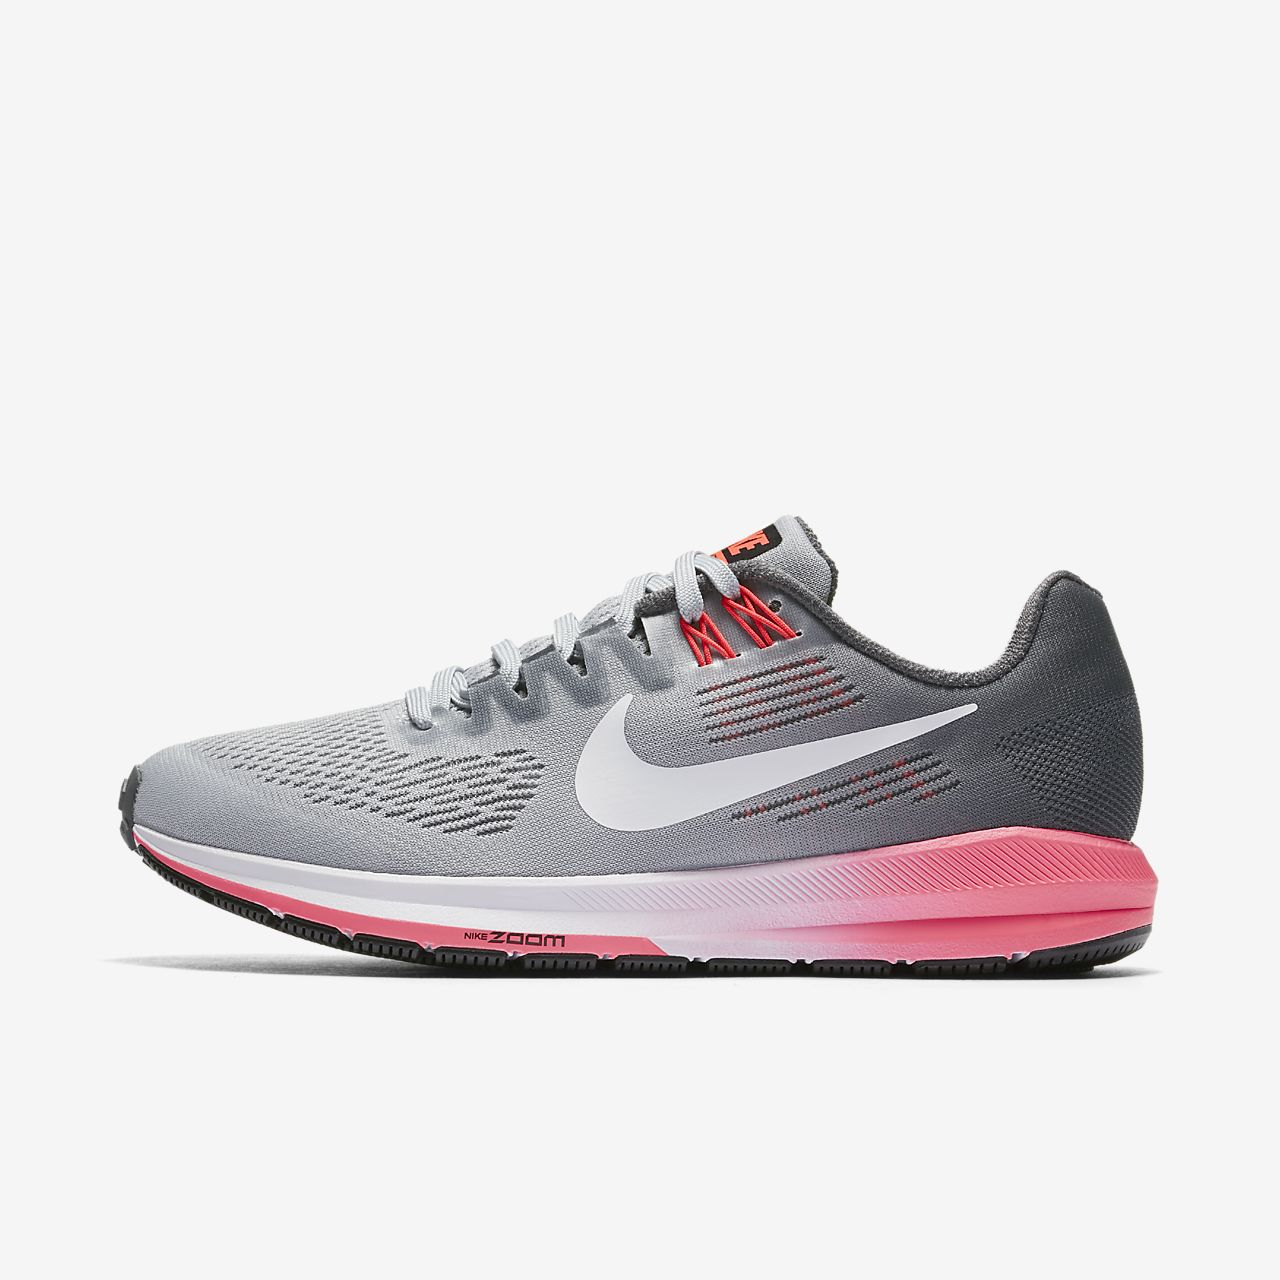 ... Nike Air Zoom Structure 21 Hardloopschoen voor dames